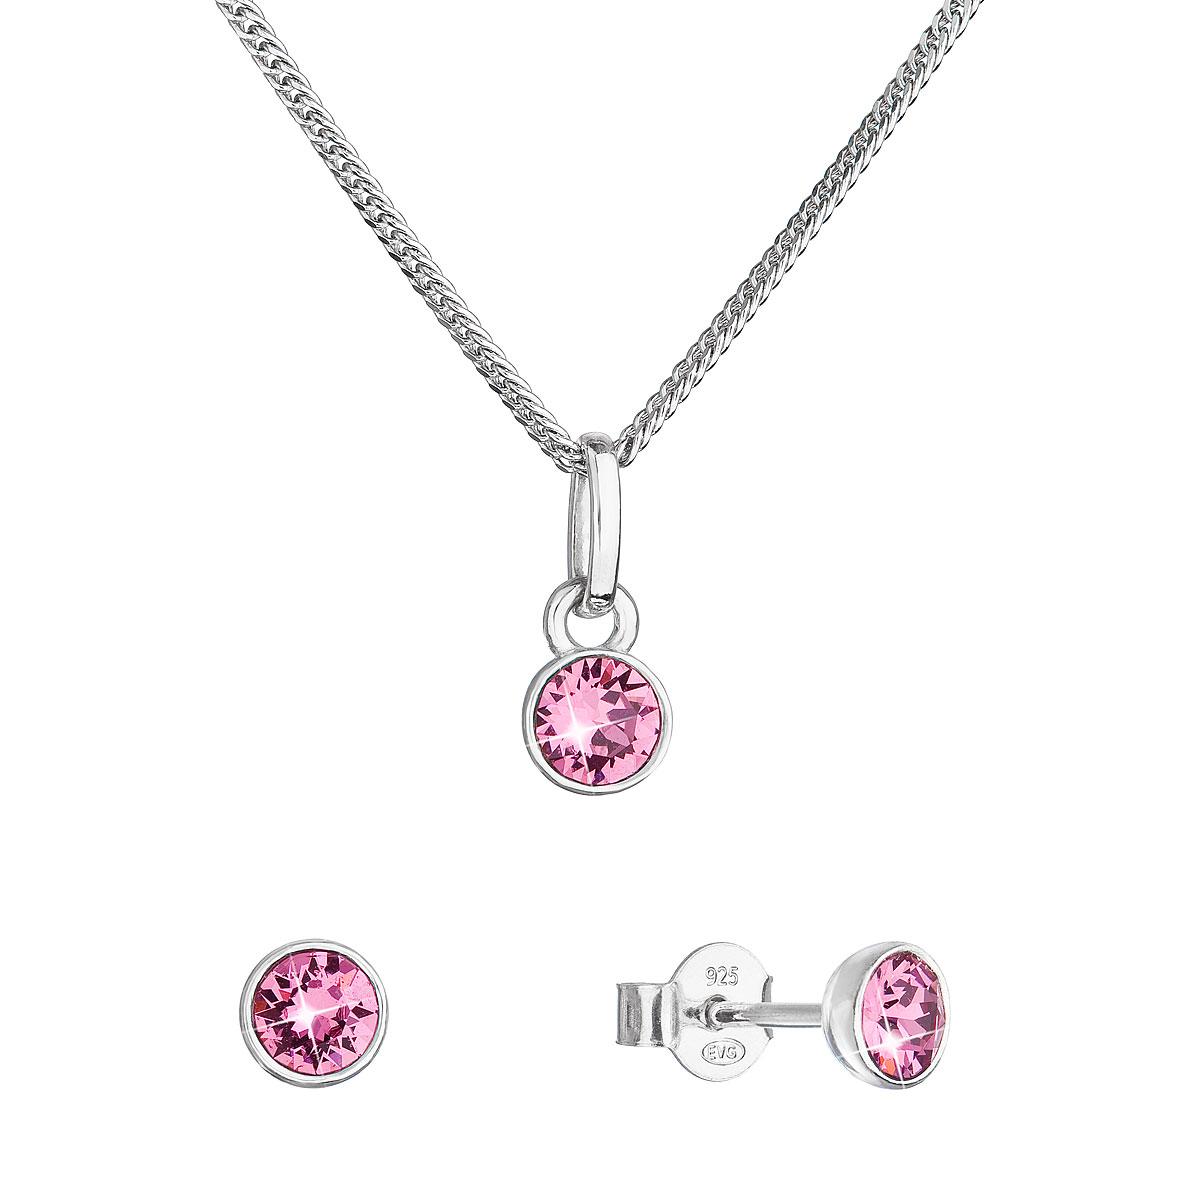 Evolution Group Sada šperků s krystaly Swarovski náušnice, řetízek a přívěsek růžové 39177.3 rose